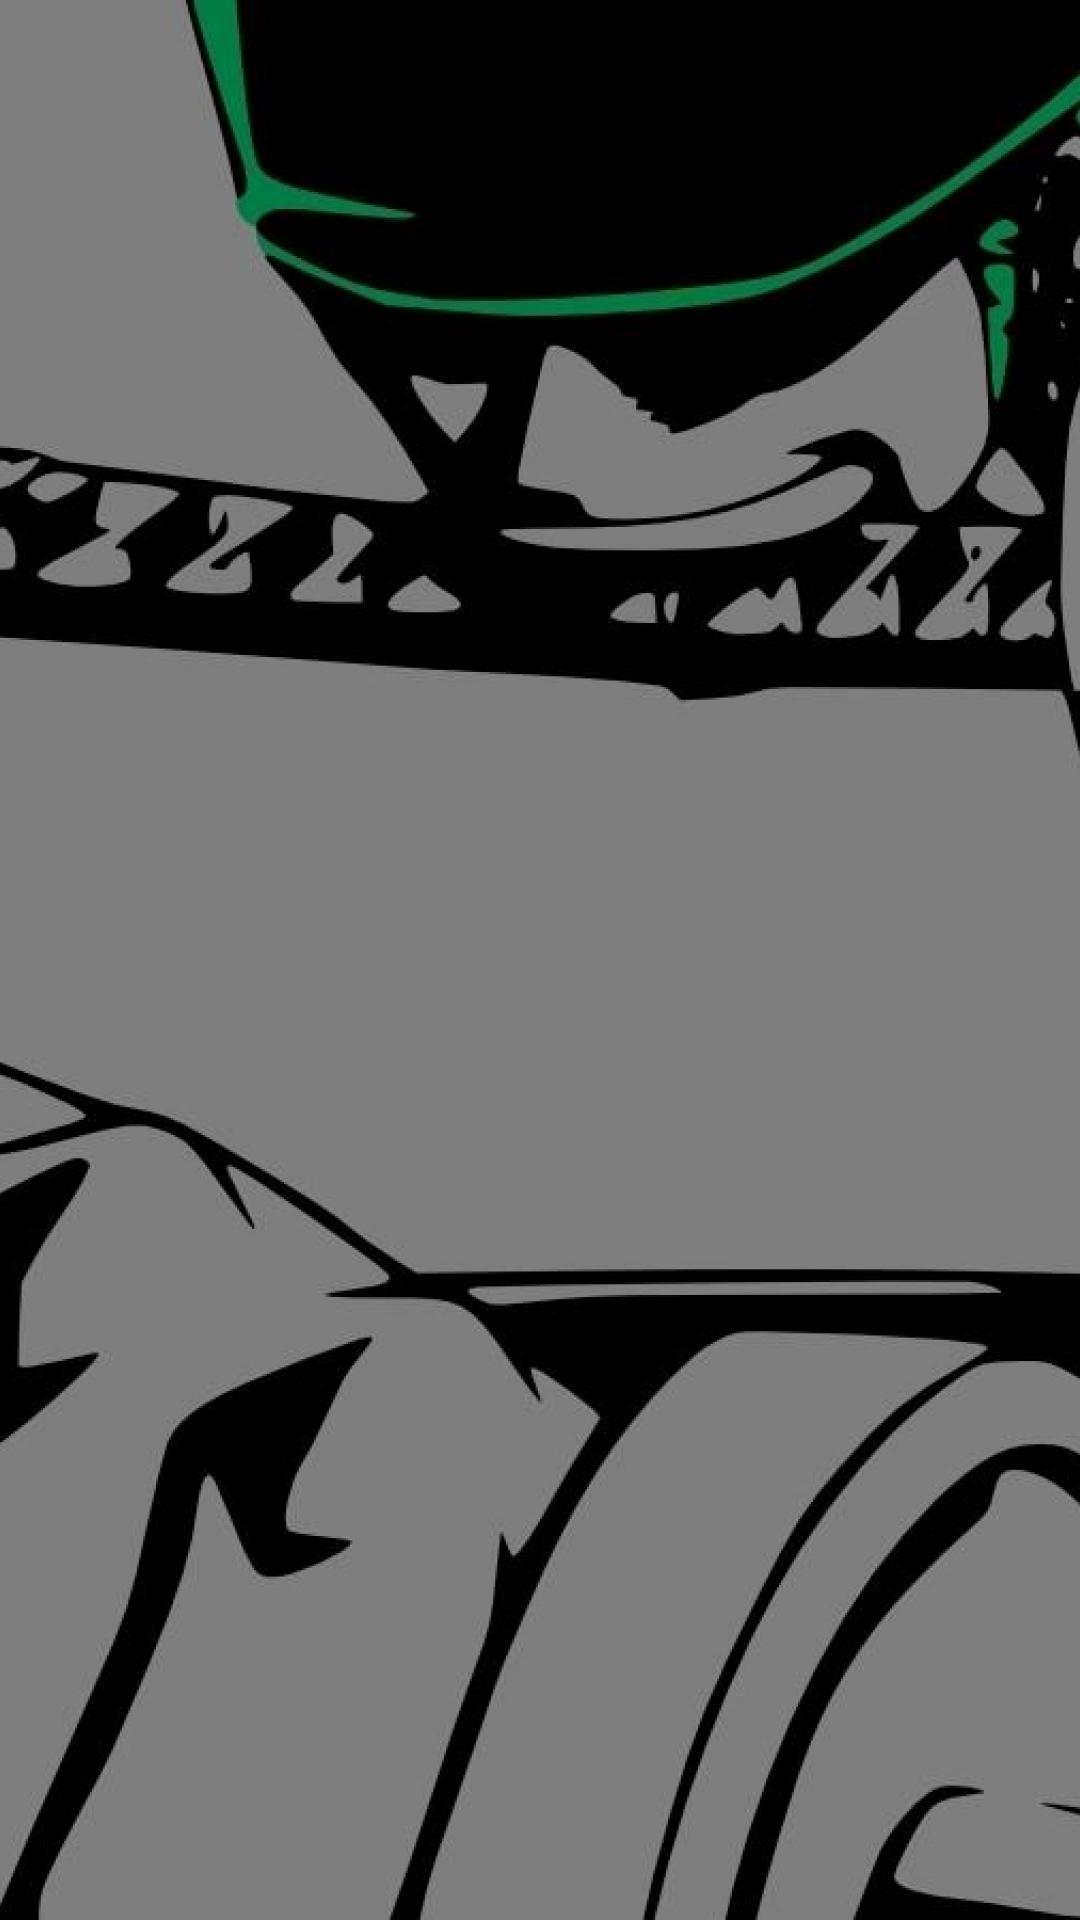 ワンピース壁紙ゾロ ワンピース壁紙1080x19 1080x19 Wallpapertip